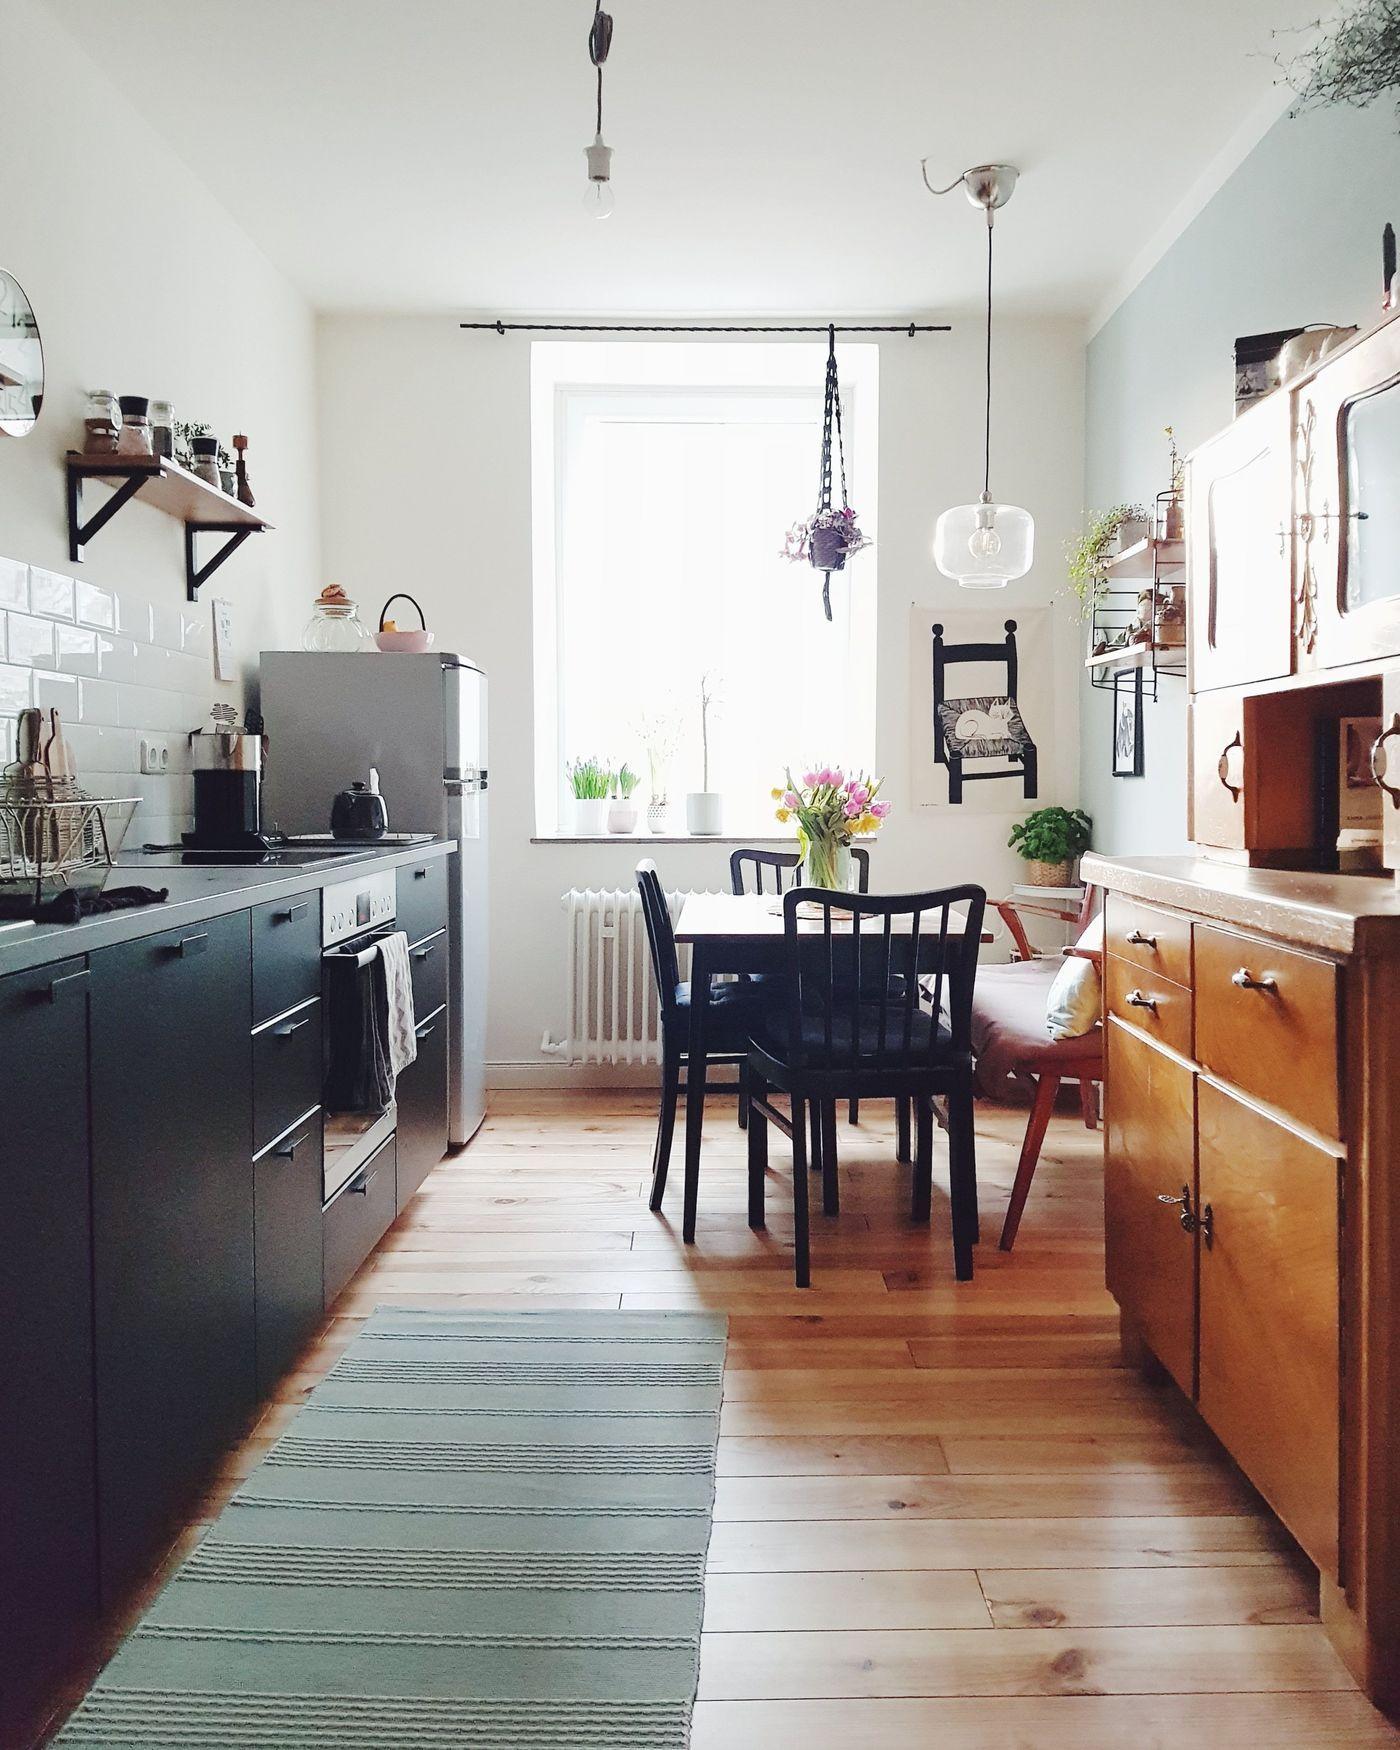 Full Size of Aufbewahrung Küchenutensilien Kchenhelfer Und Kchenutensilien Schnsten Ideen Aufbewahrungssystem Küche Betten Mit Aufbewahrungsbox Garten Bett Wohnzimmer Aufbewahrung Küchenutensilien